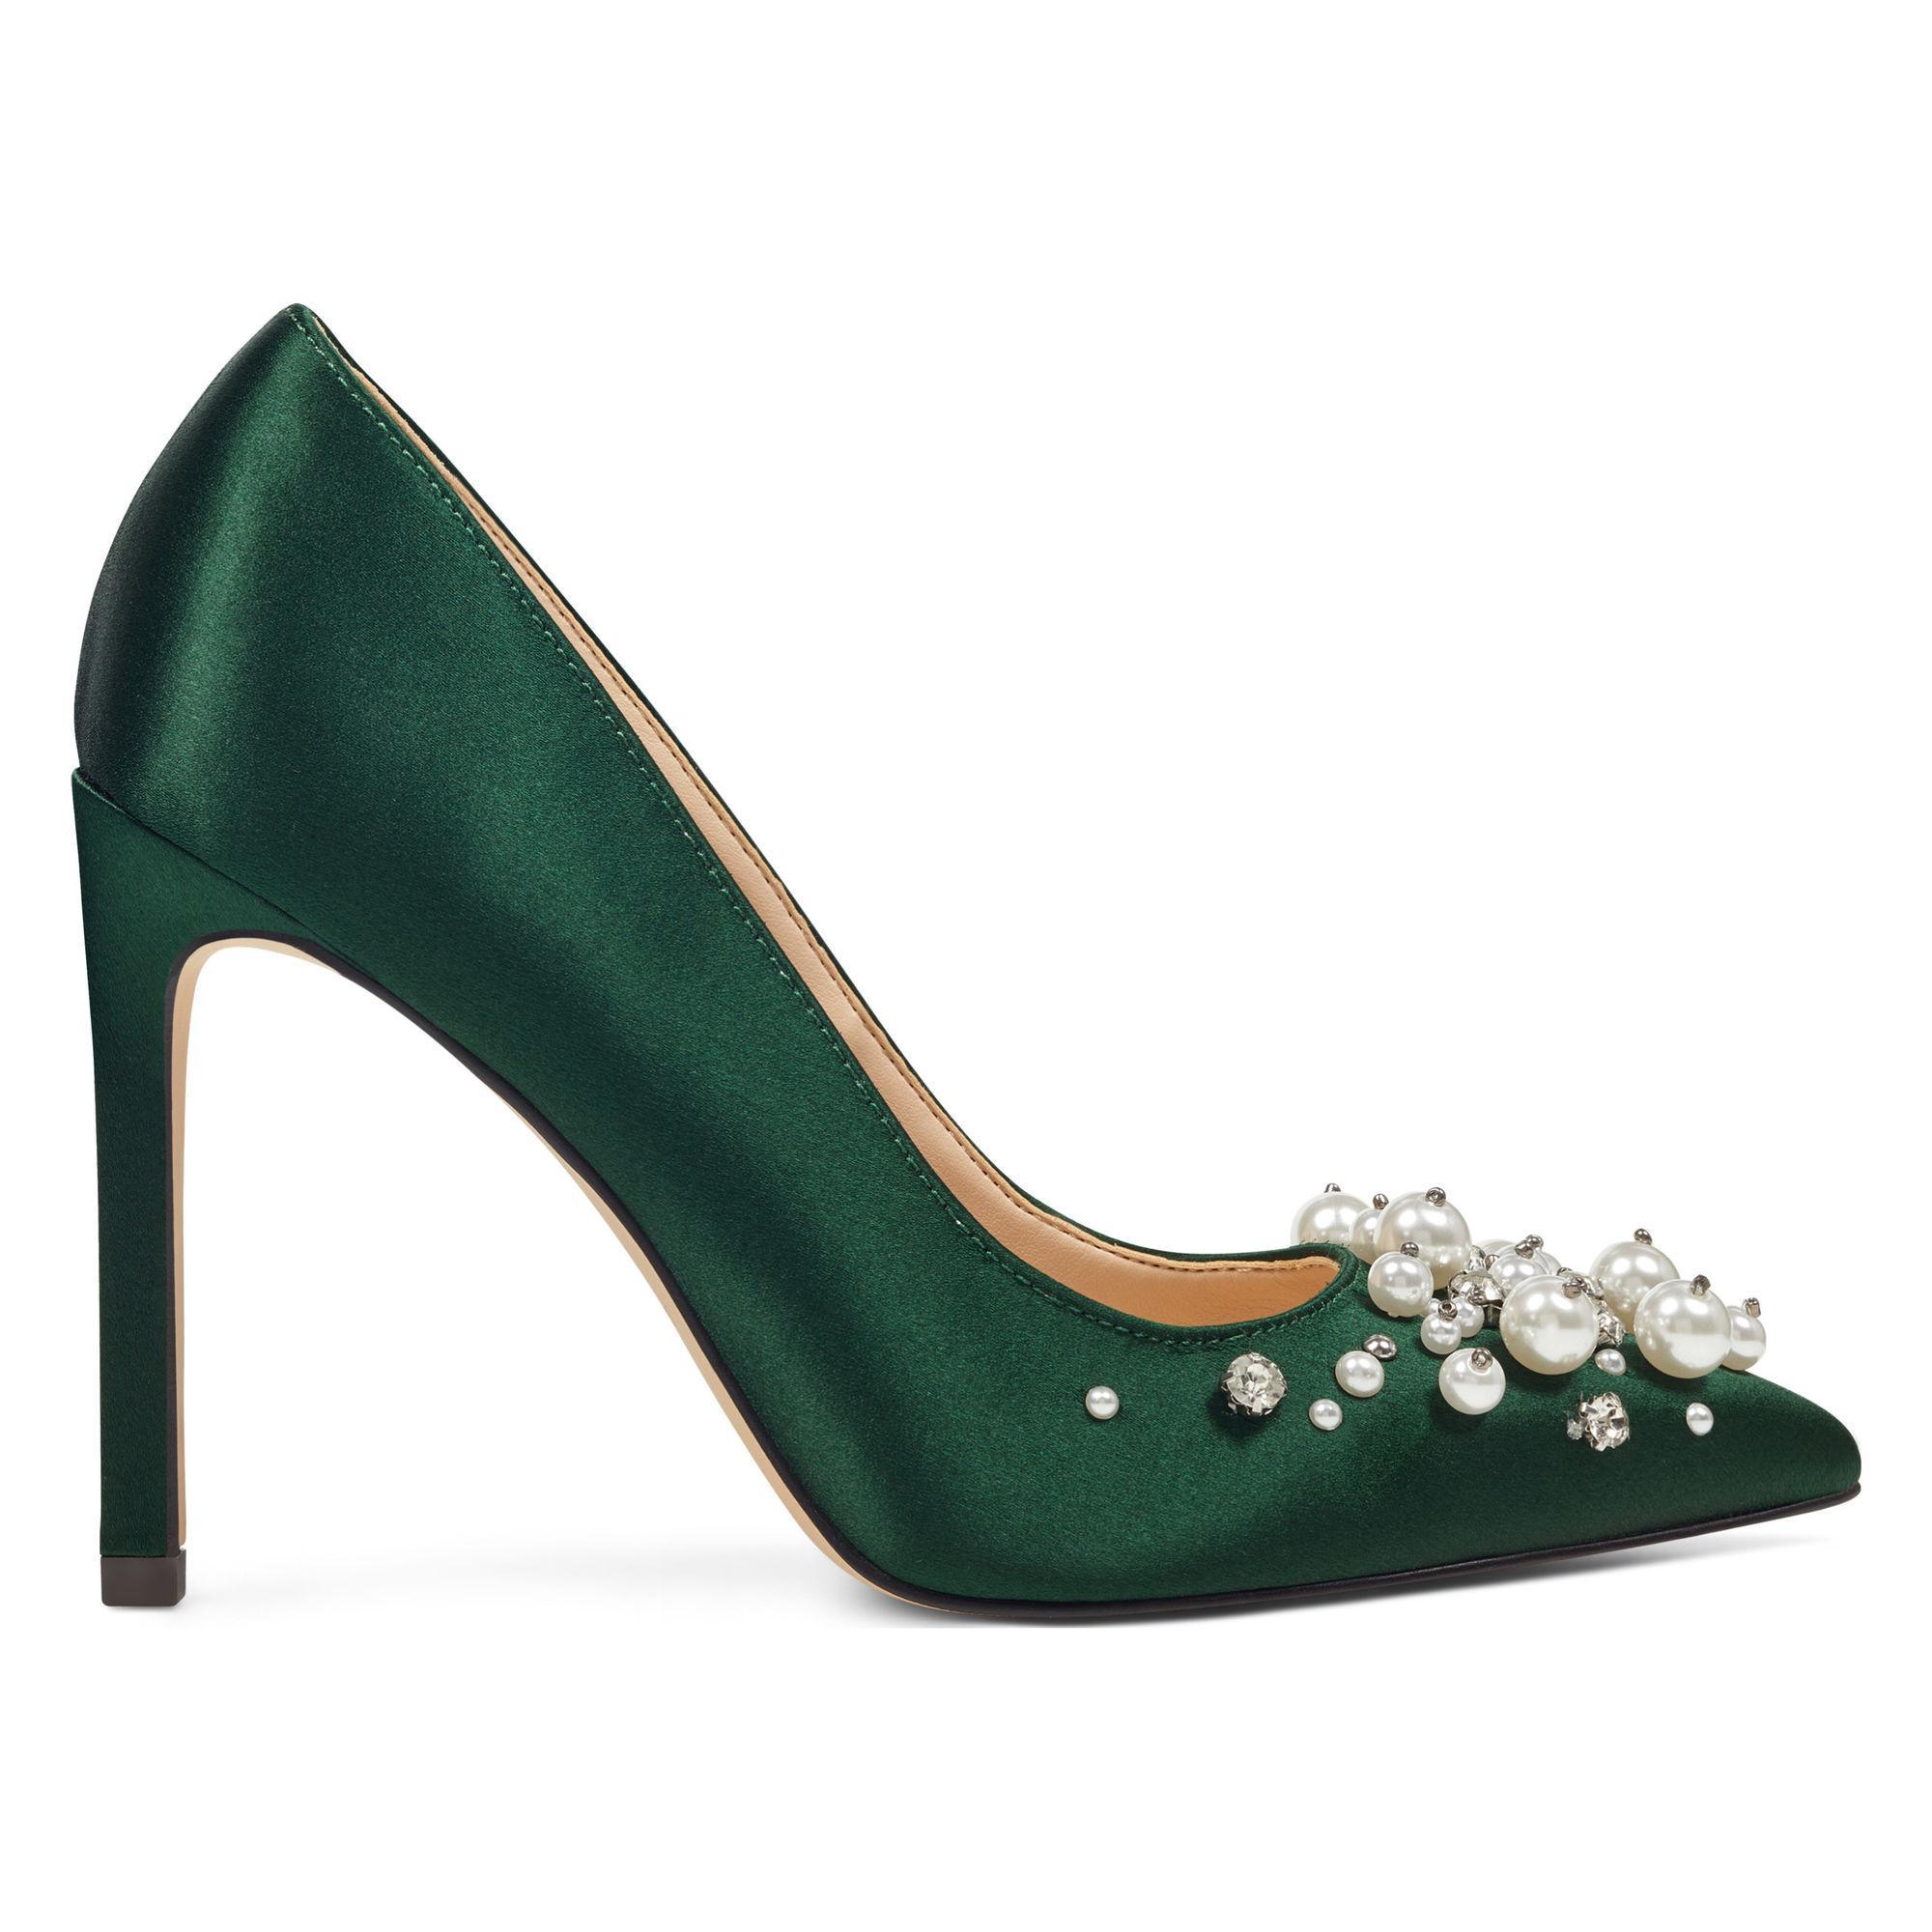 Nine West Quintrell Pumps Women's Shoes